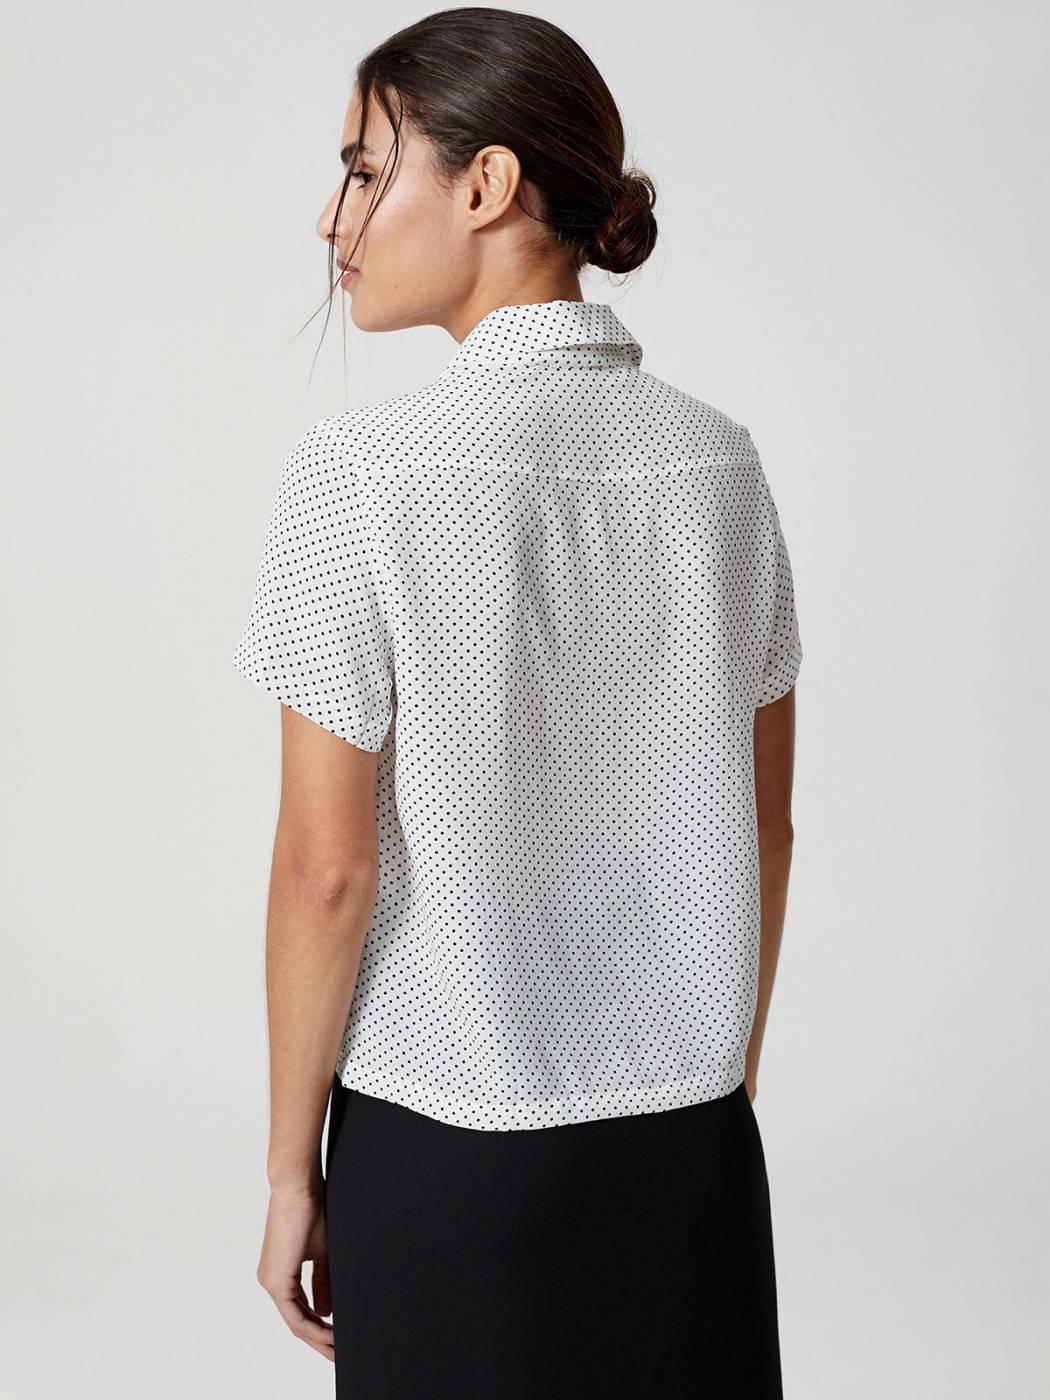 Camisa Manga Curta Seda Poa